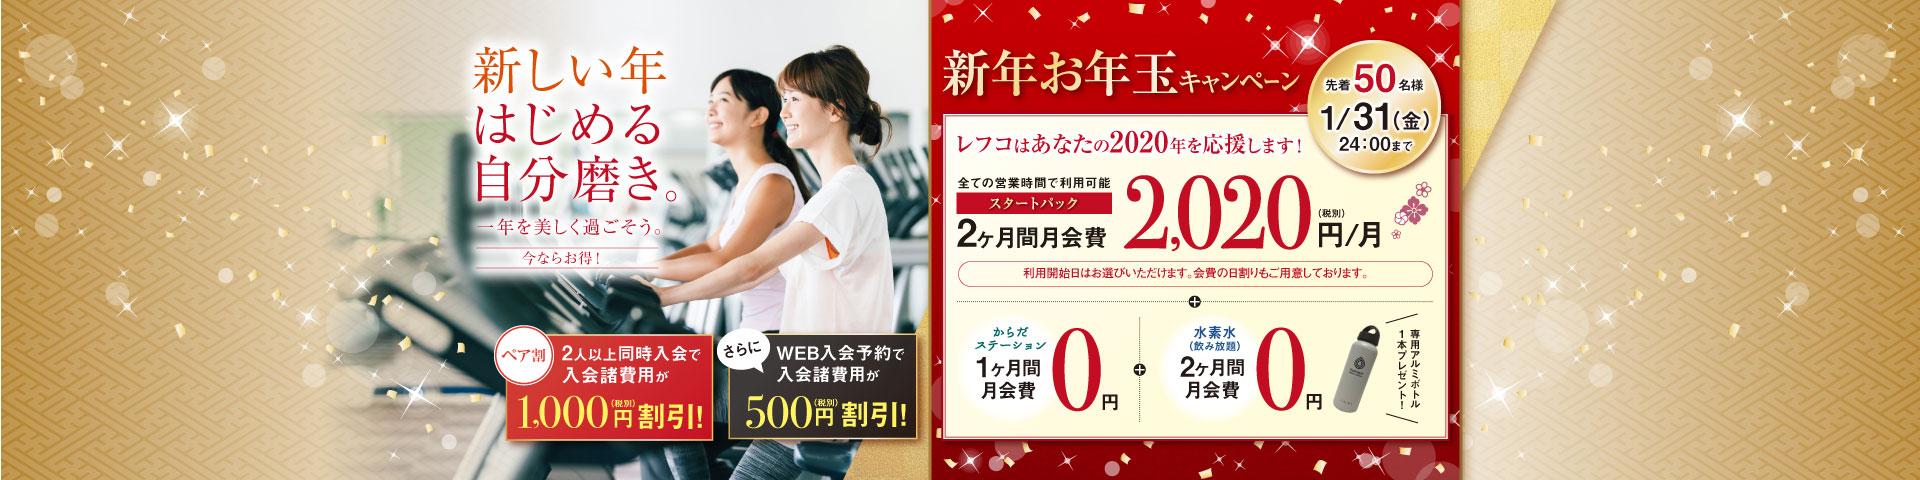 1月入会キャンペーン